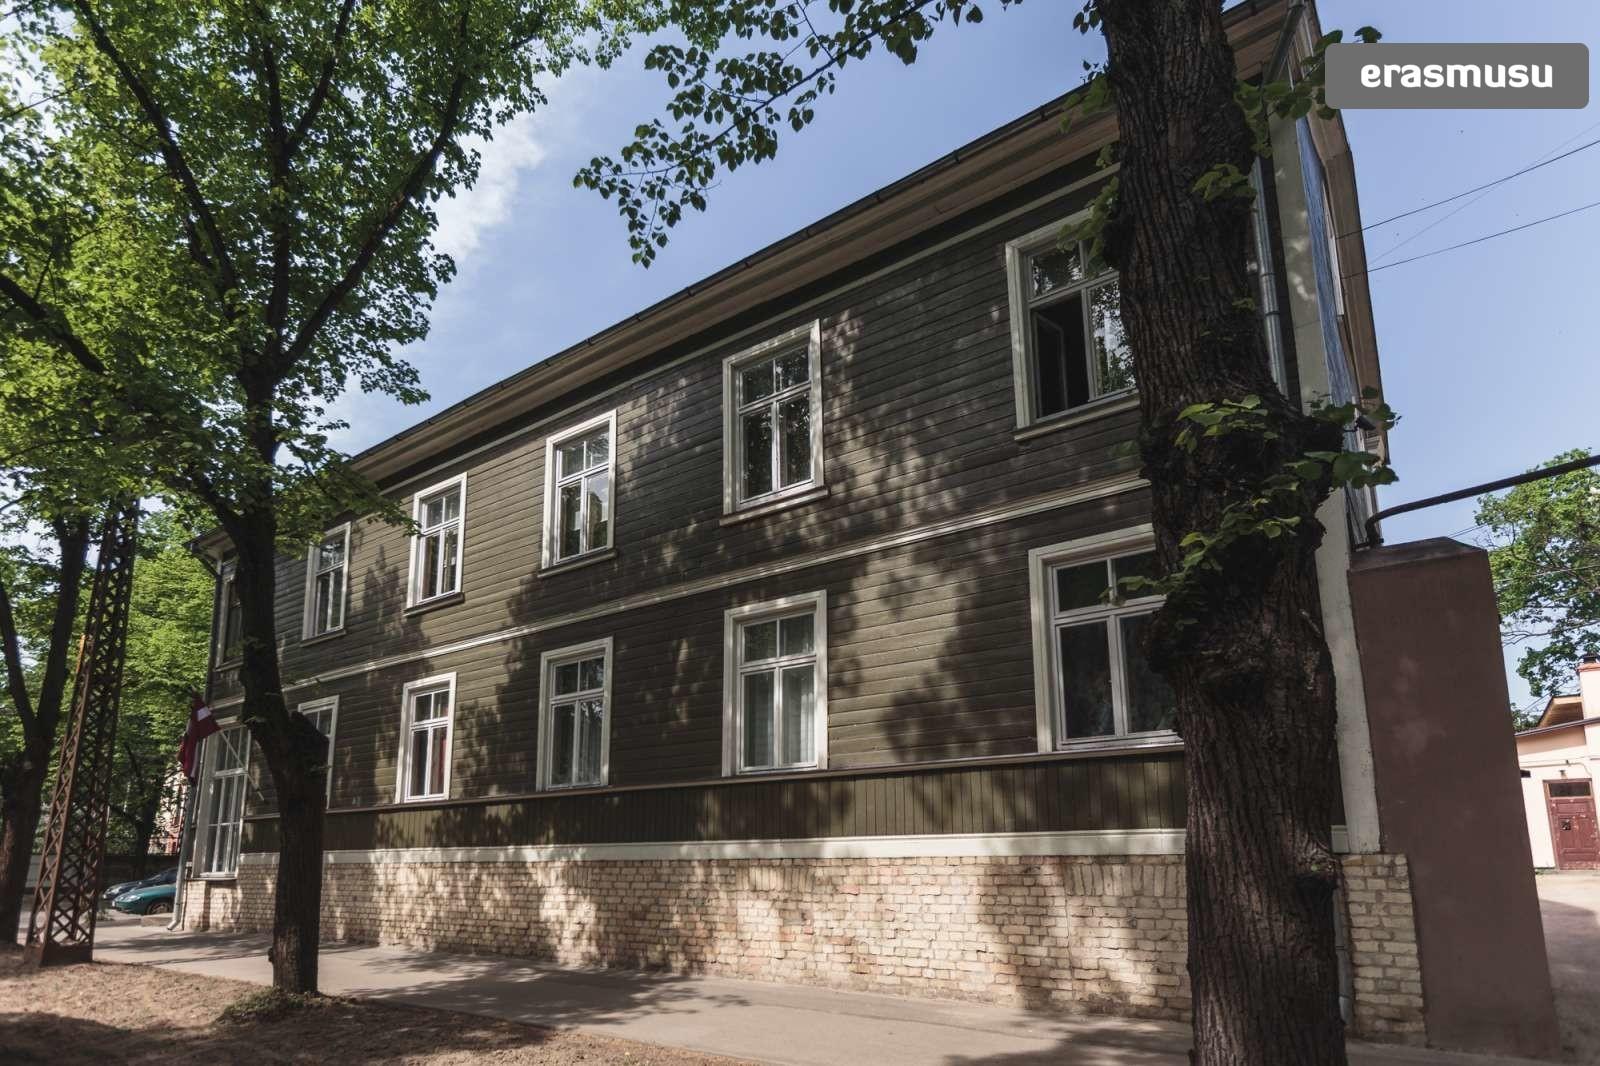 charming-studio-apartment-rent-agenskalns-pet-friendly-b3d5a84a3